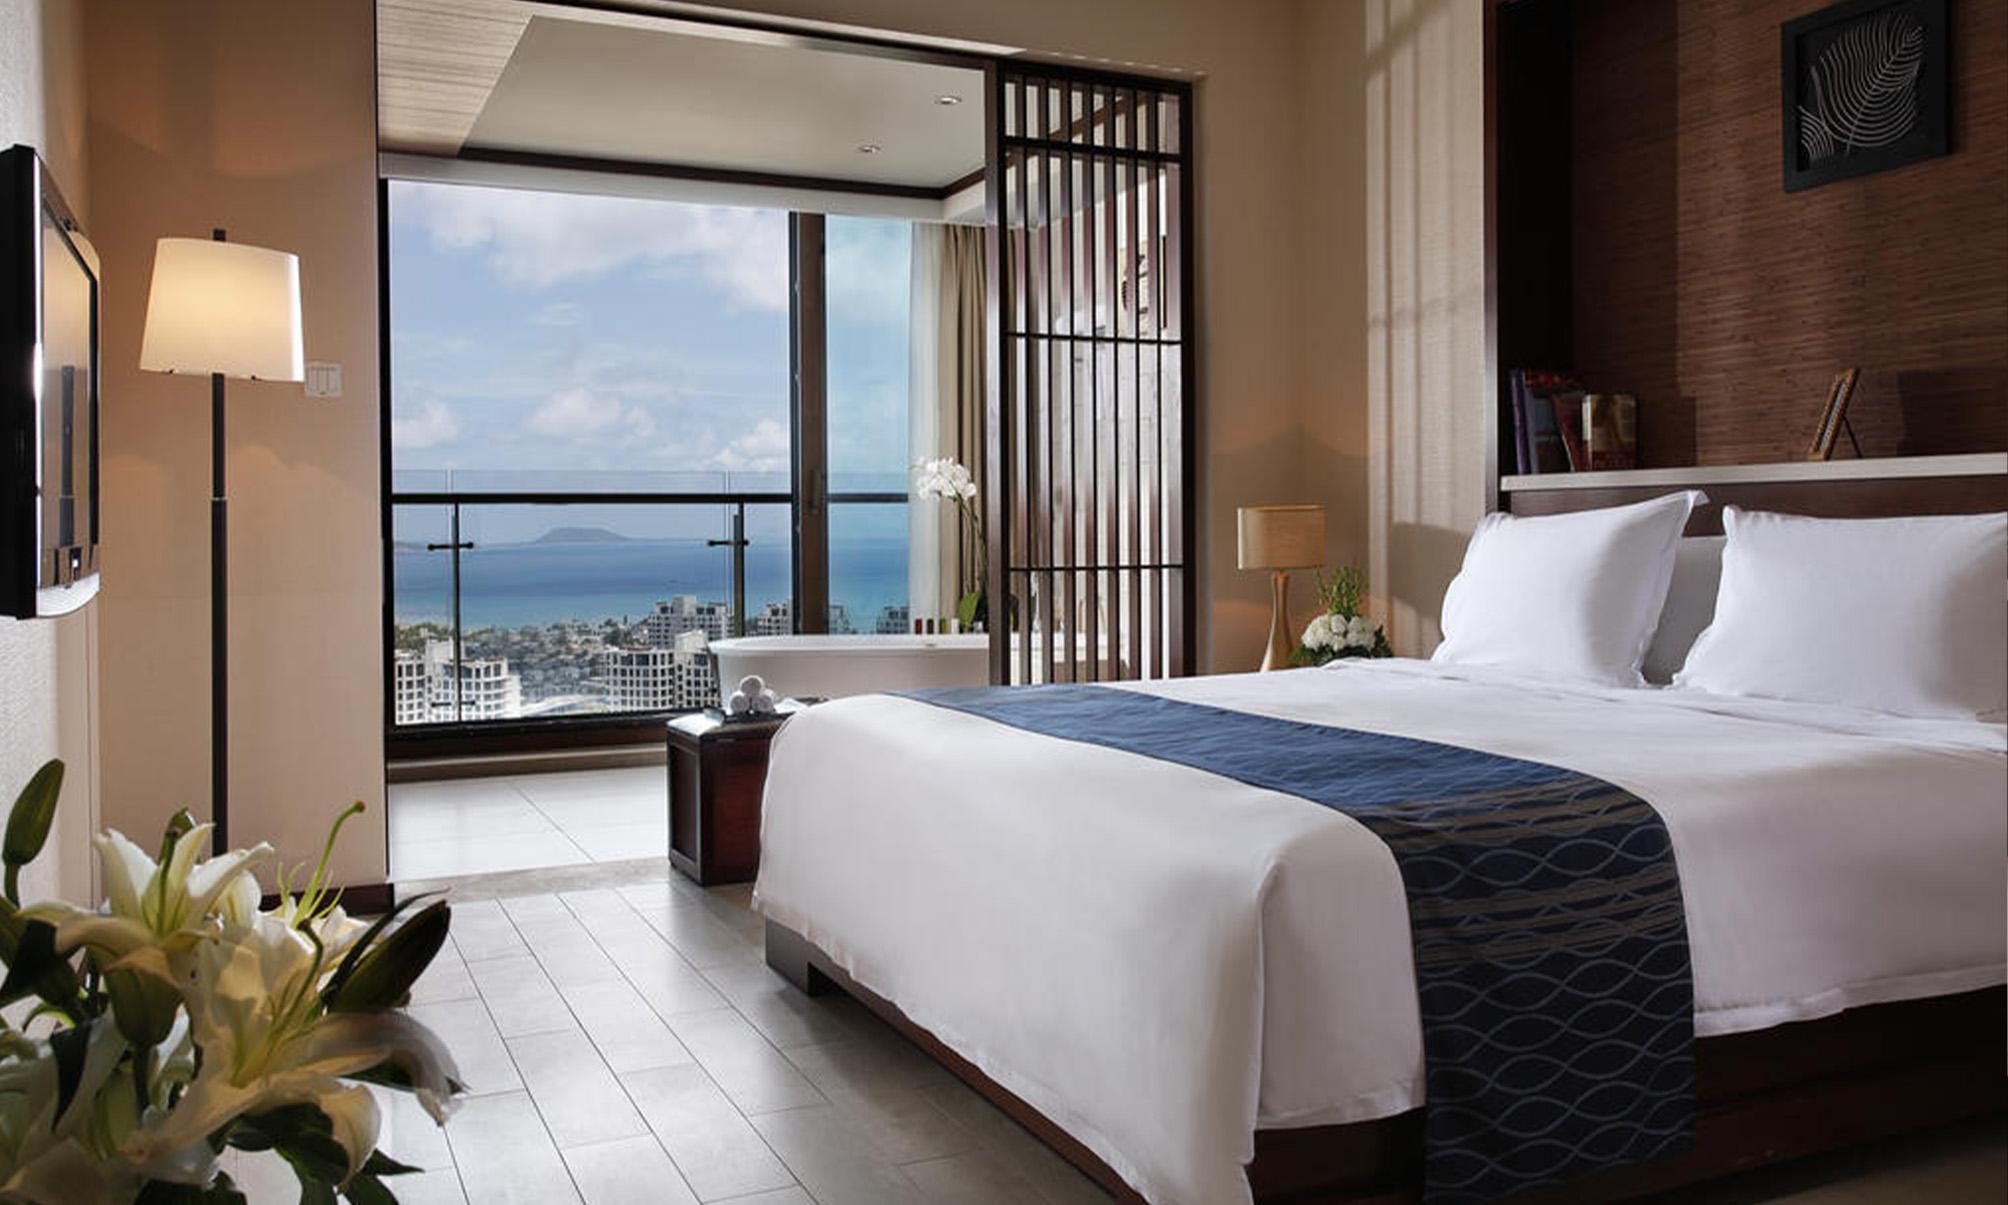 浙江酒店家具厂如何在这激励的行业竞争里脱颖而出?